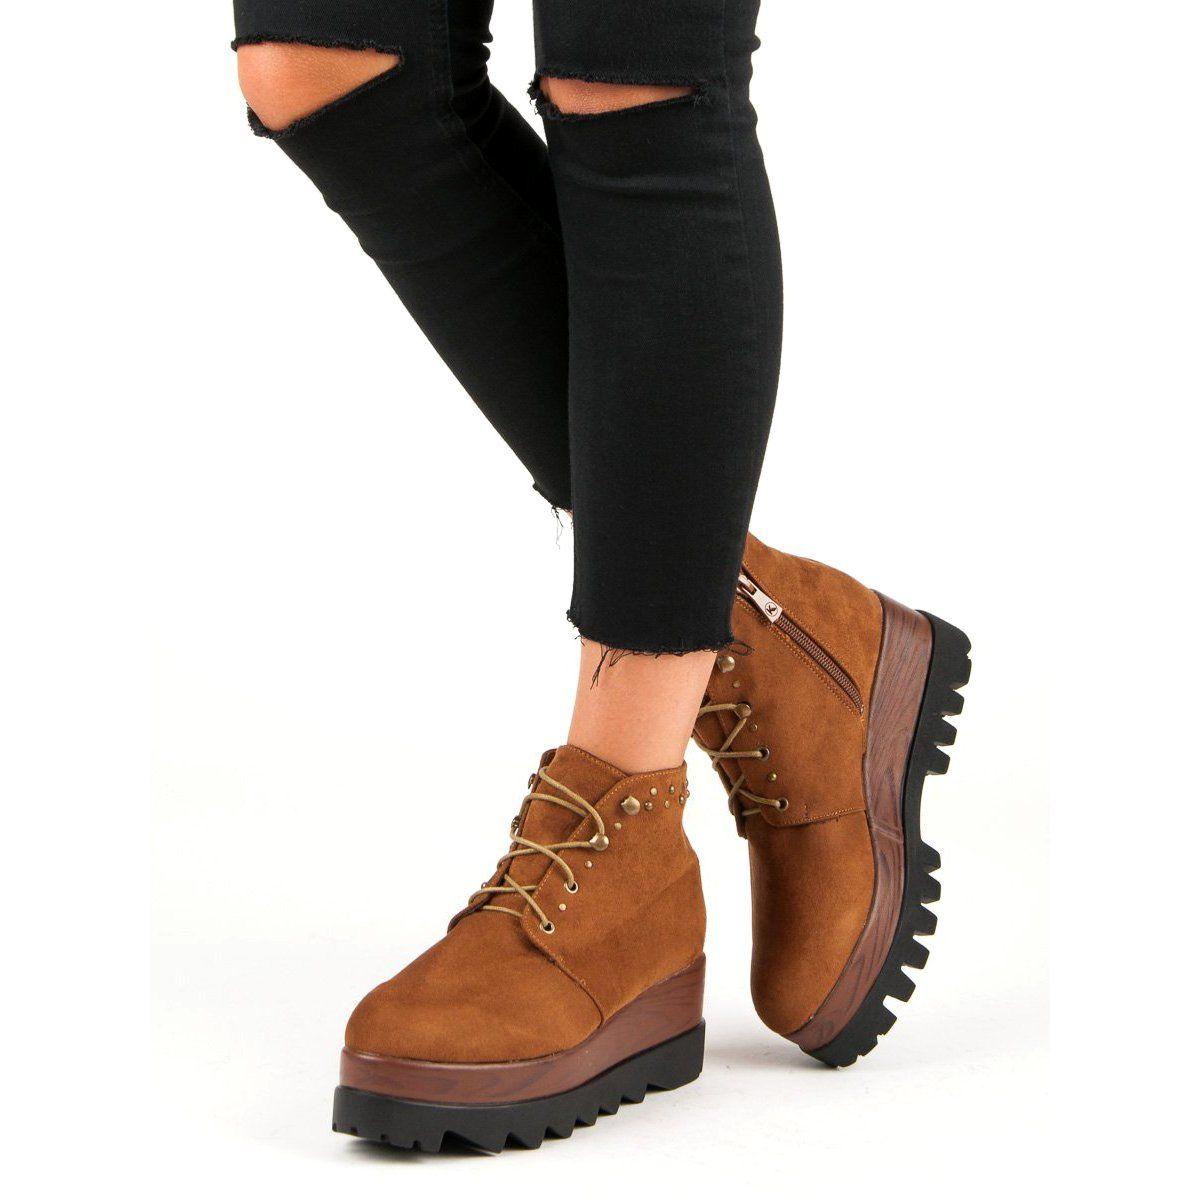 Zamszowe Kozaki Damskie Na Koturnie T81 Czarne Womens Suede Boots Womens Boots Boots